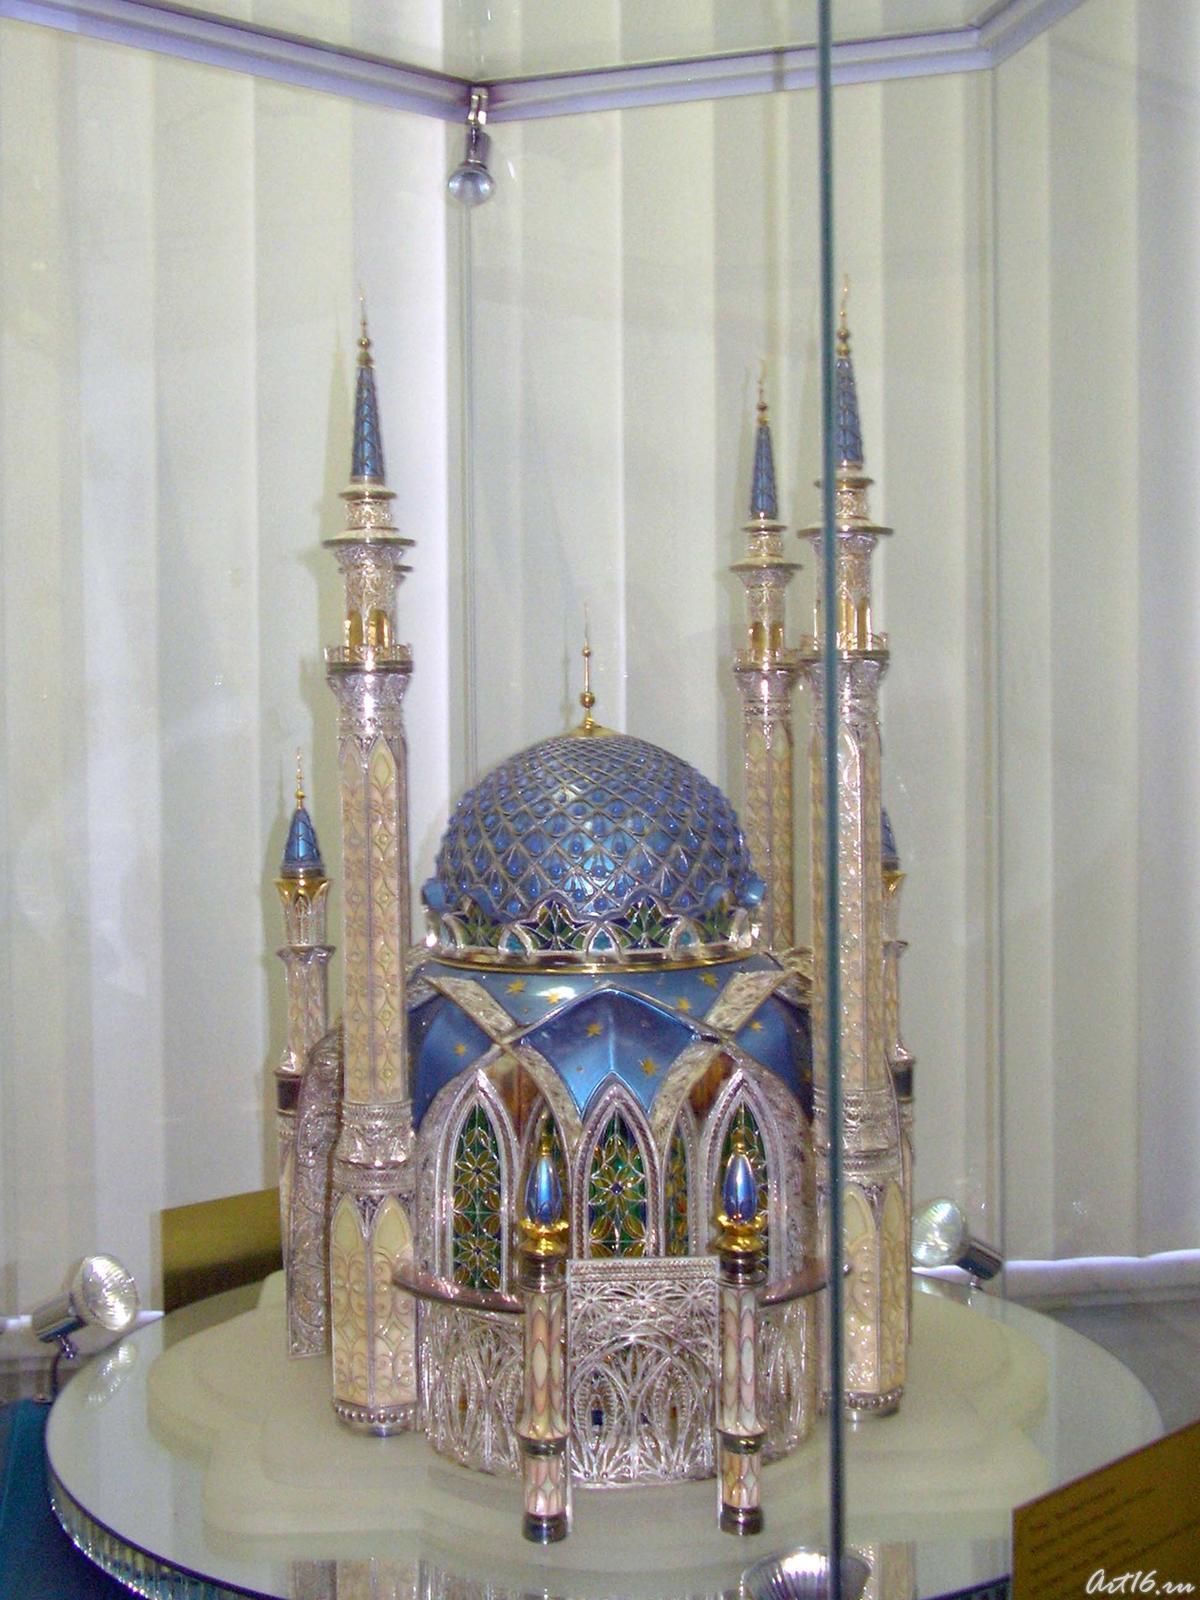 Фото №16696. Макет мечети Кул Шариф